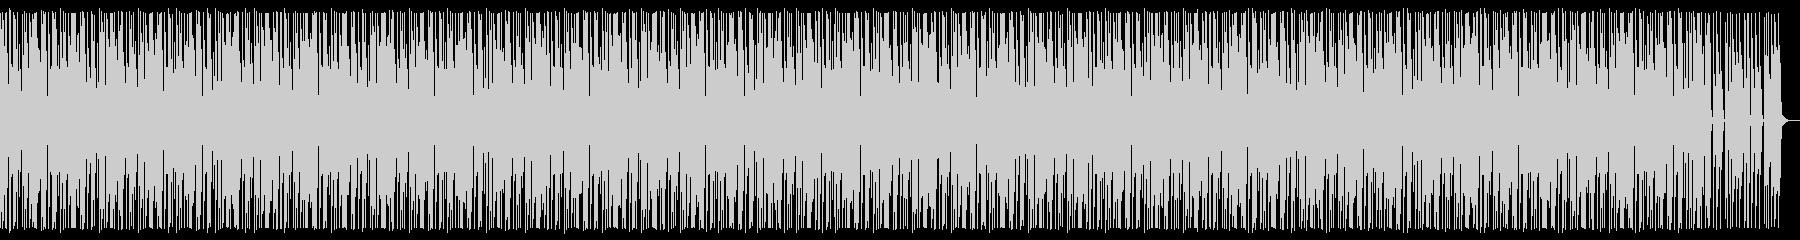 いたずら ハロウィン マリンバ ダークの未再生の波形